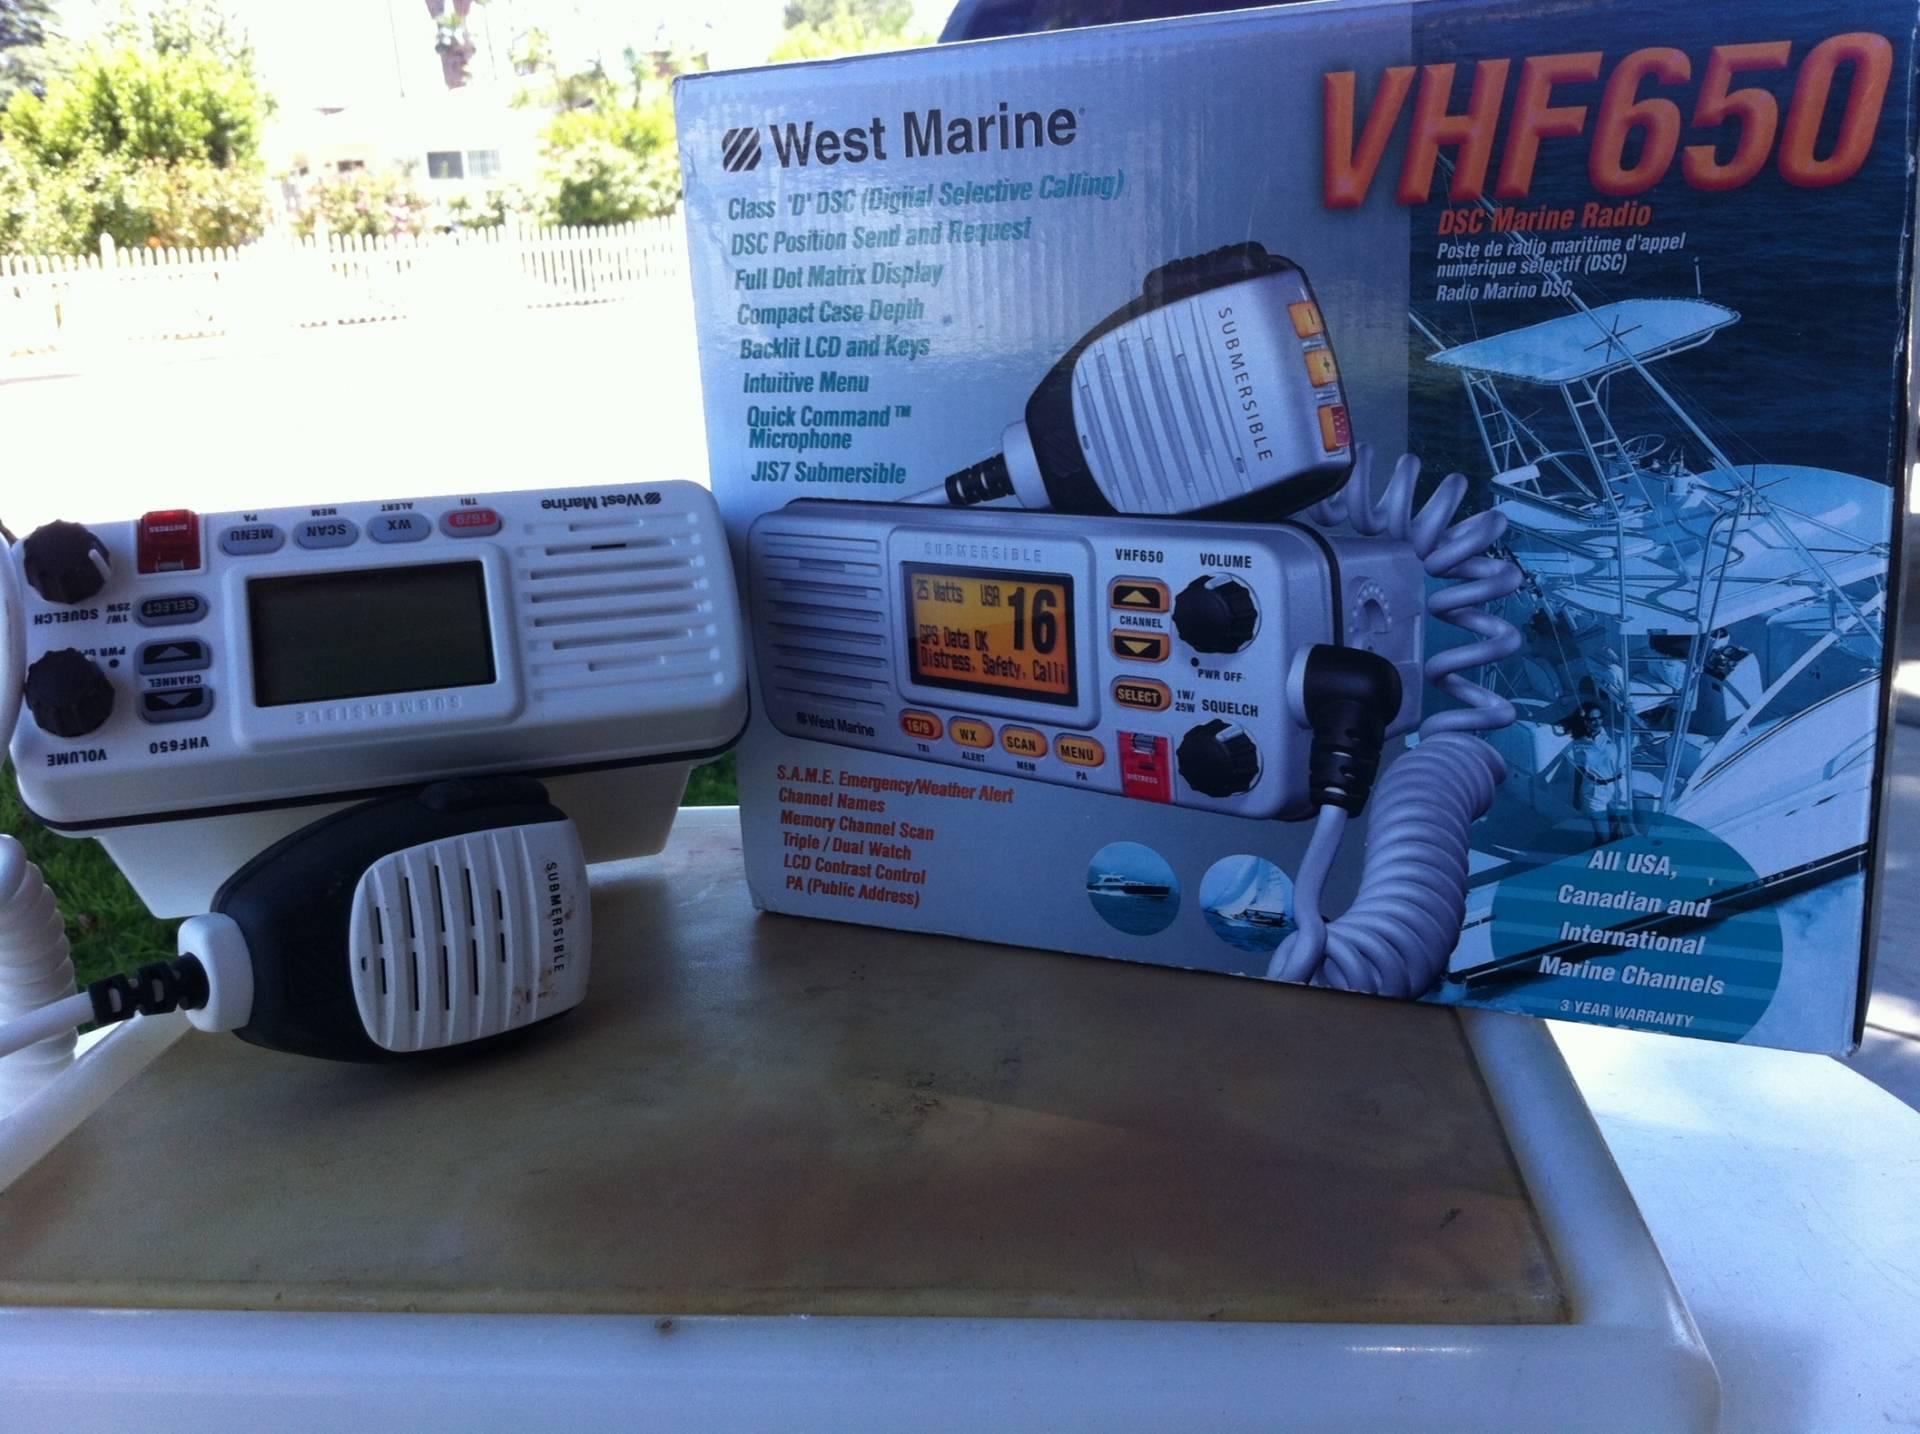 West Marine VHF650 Radio | Bloodydecks